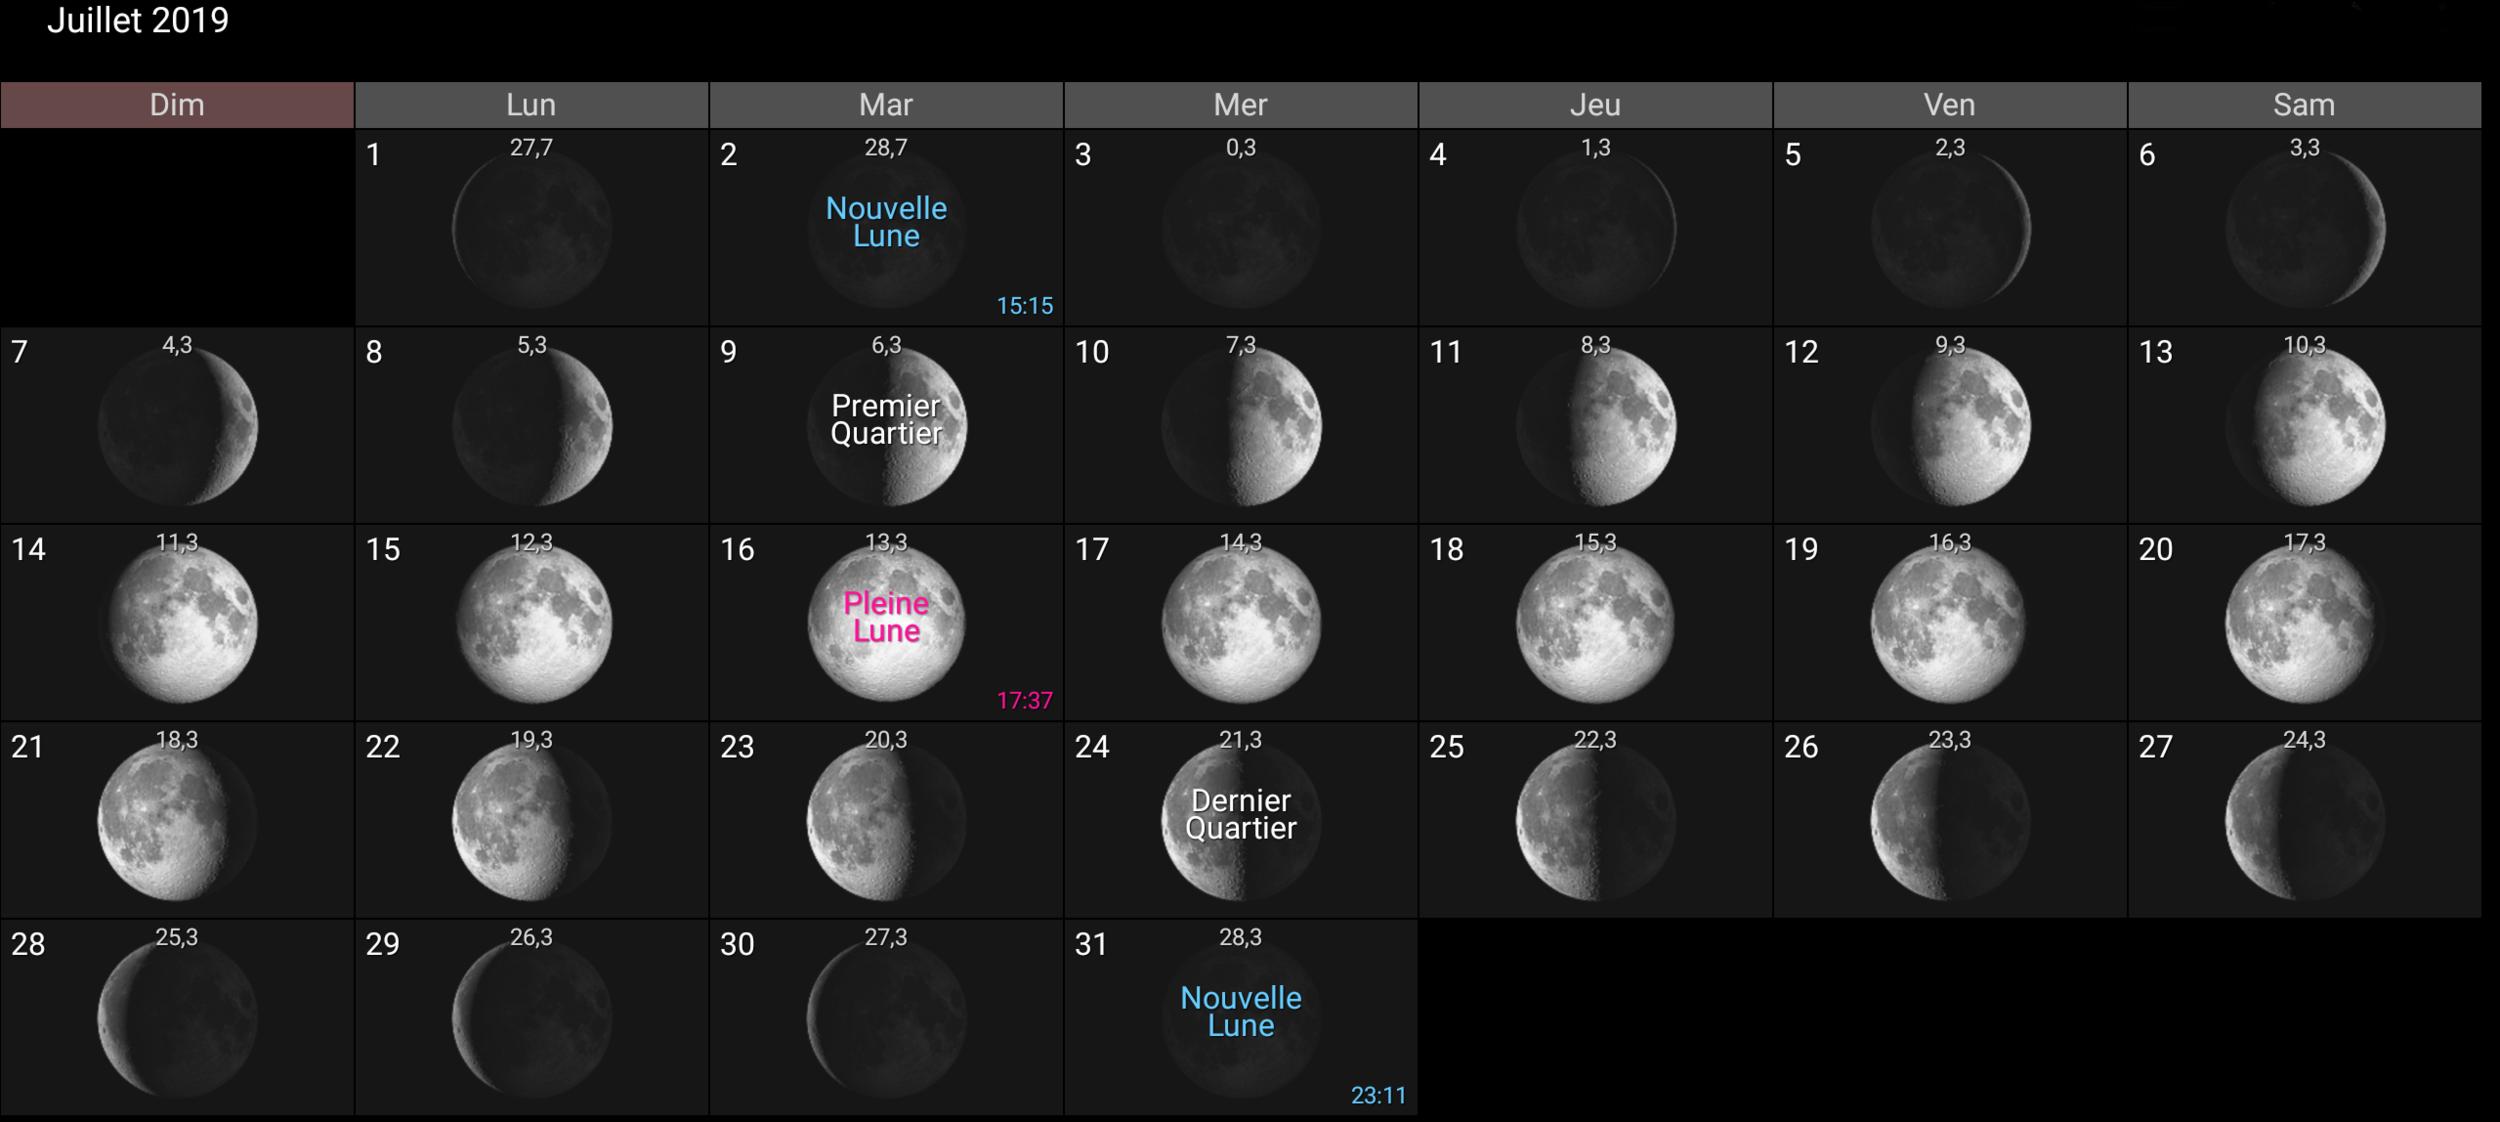 Les phases de la Lune pour de juillet 2019